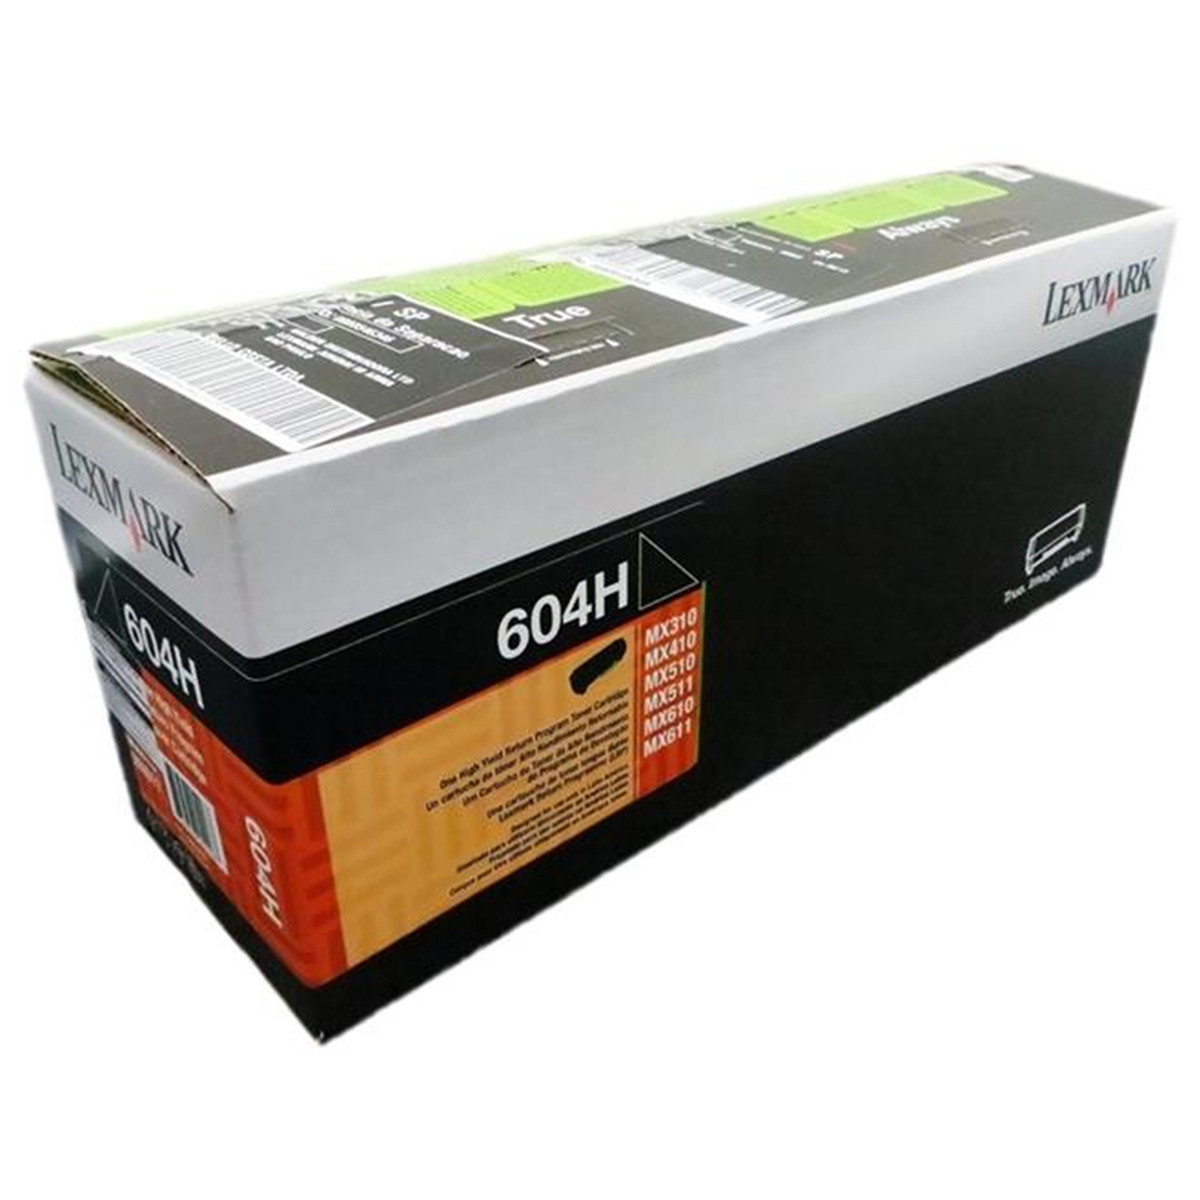 Toner Lexmark 604H 60FBH00 60BH   MX511 MX410 MX611 MX310 MX511de MX410de MX611dhe   Original 10k